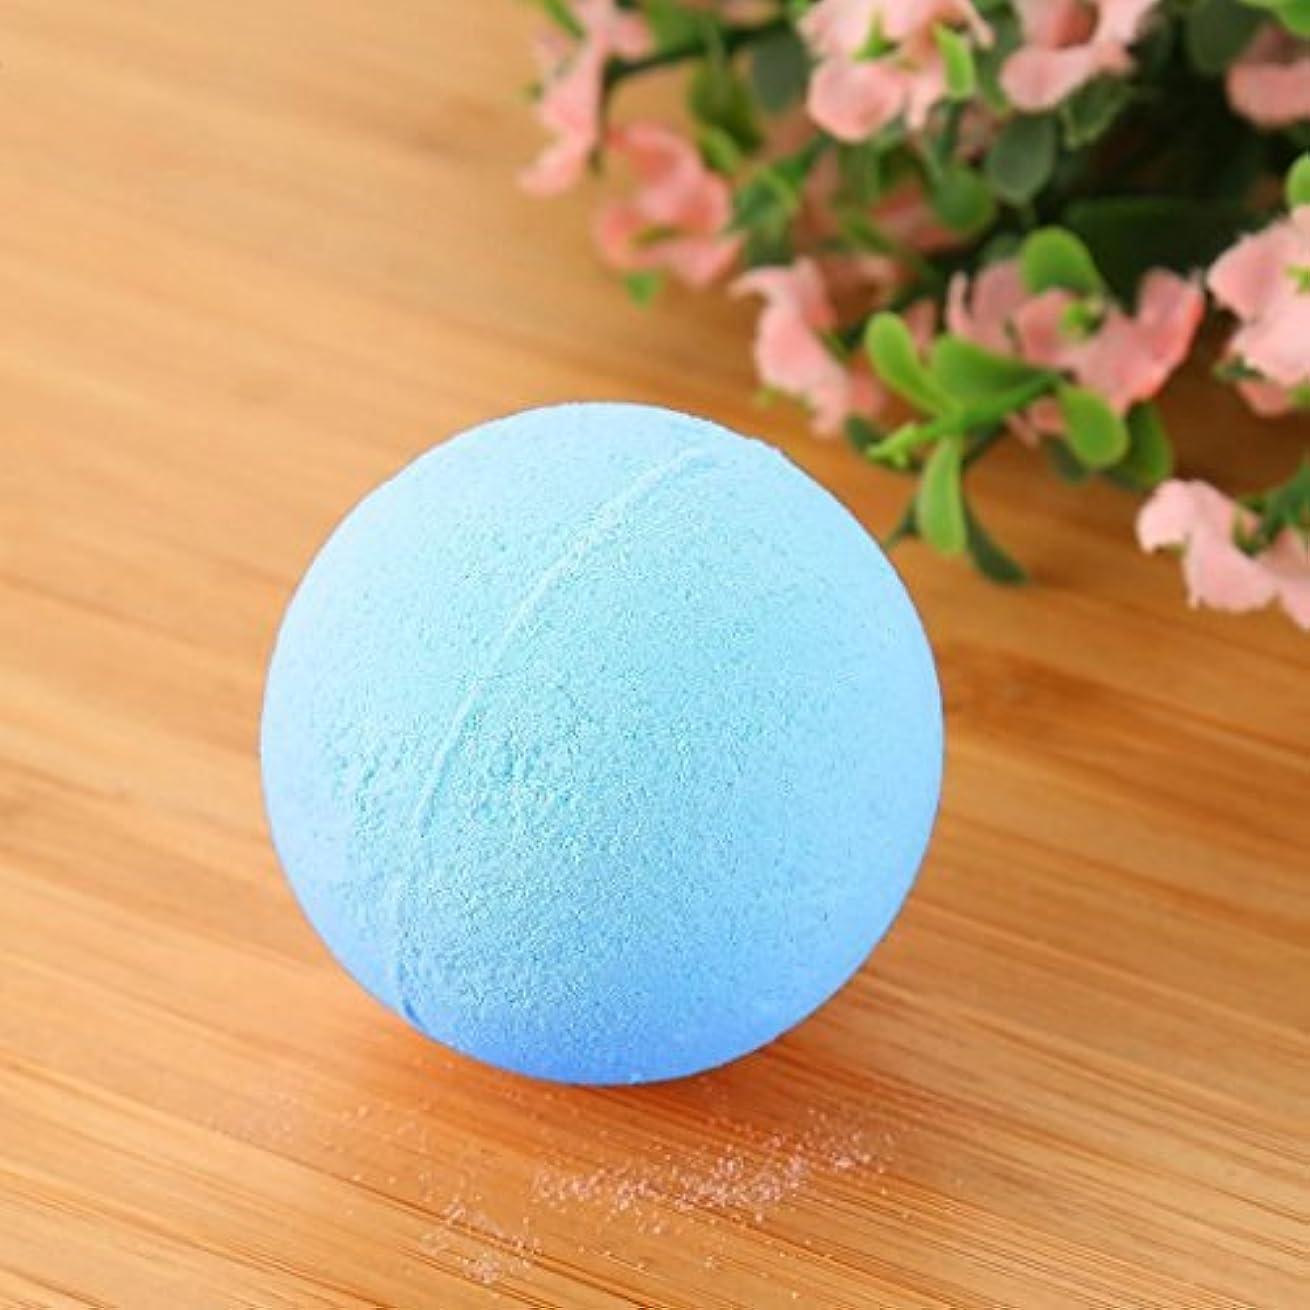 専門用語低下健康的女性のための塩ソルトボールプレゼントリラックス泡風呂